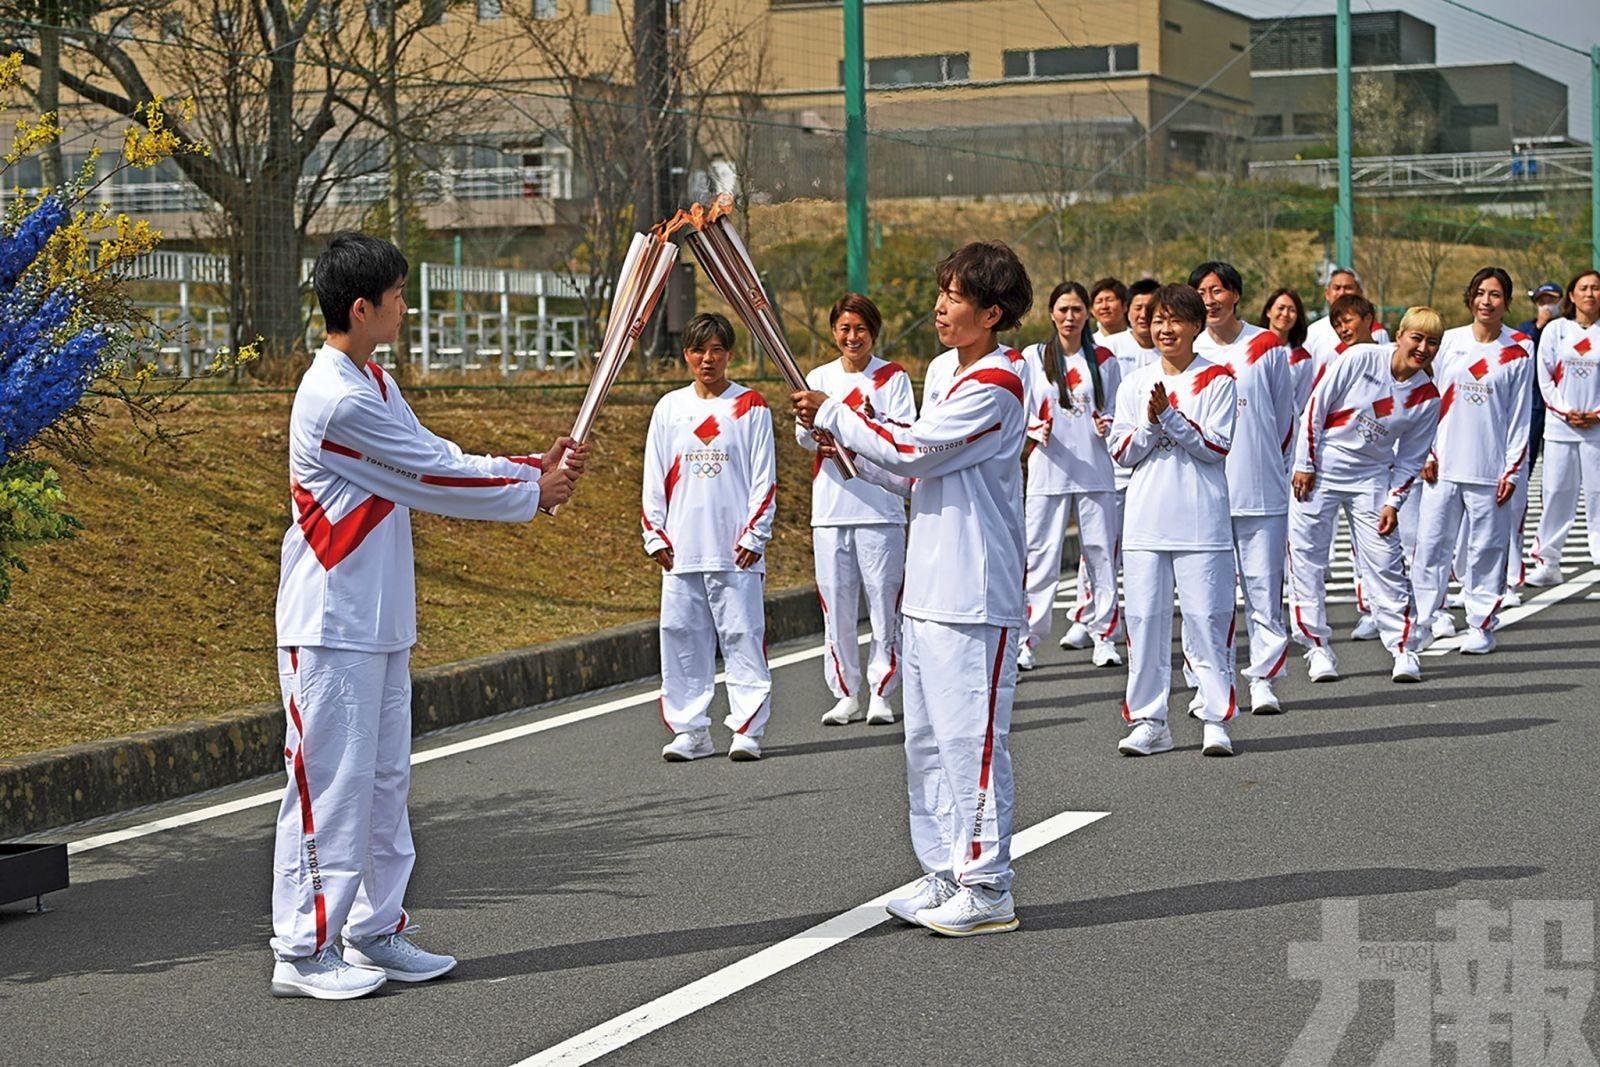 聖火燃起舉辦奧運希望